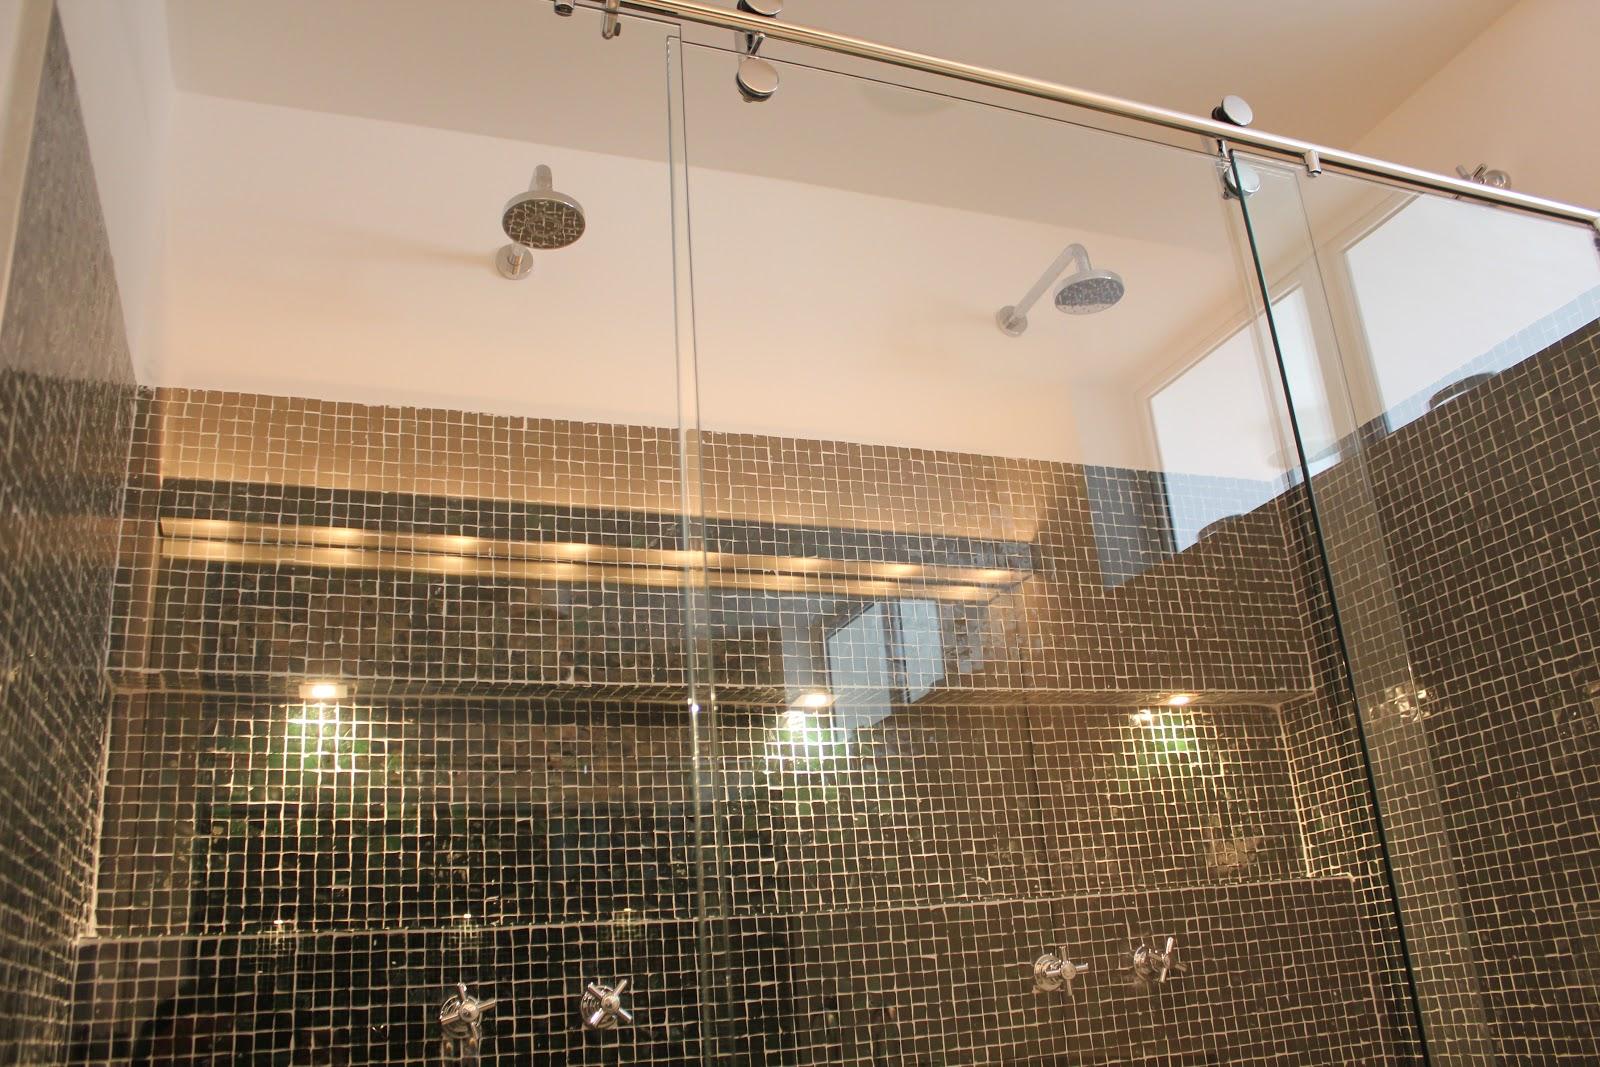 Banheiro da suíte amplo com duas cubas independentes e pia em  #8D663E 1600x1067 Banheiro Casal Dois Vasos